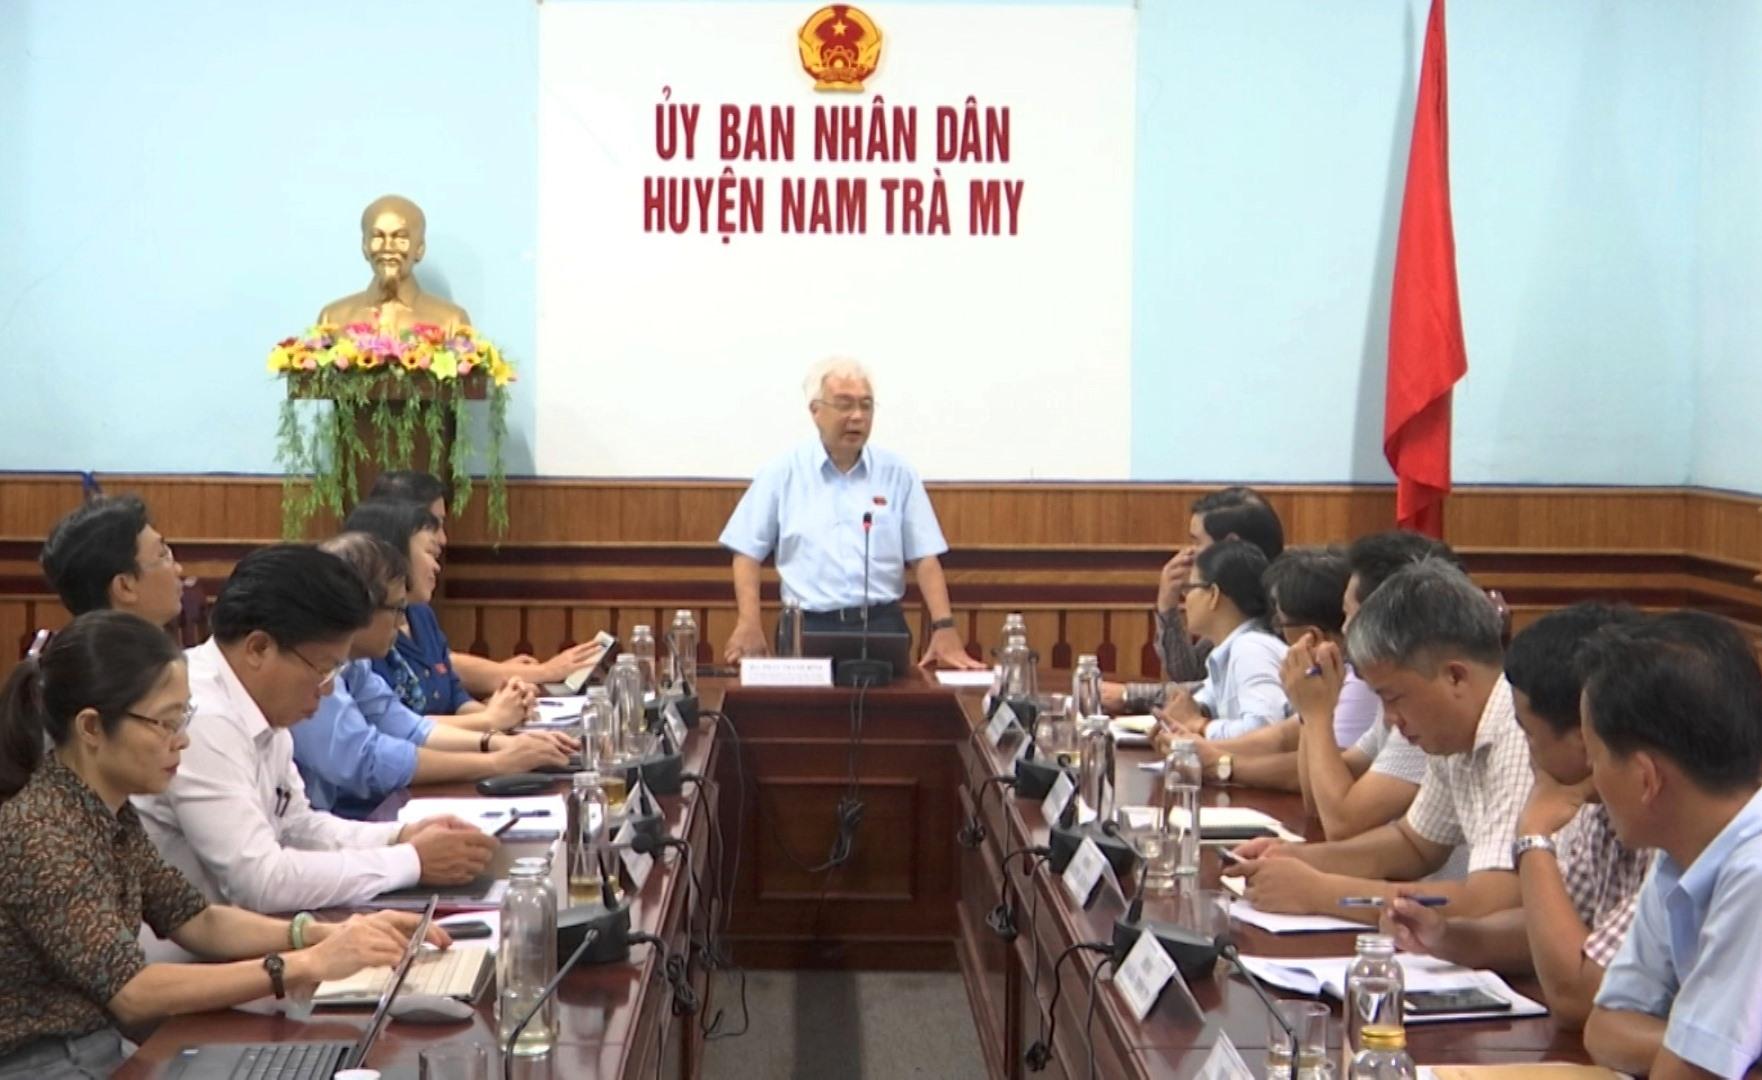 Ông Phan Thanh Bình - Chủ nhiệm Ủy ban Văn hóa, giáo dục, thanh niên, thiếu niên và nhi đồng của Quốc hội đánh giá cao UBND huyện Nam Trà My